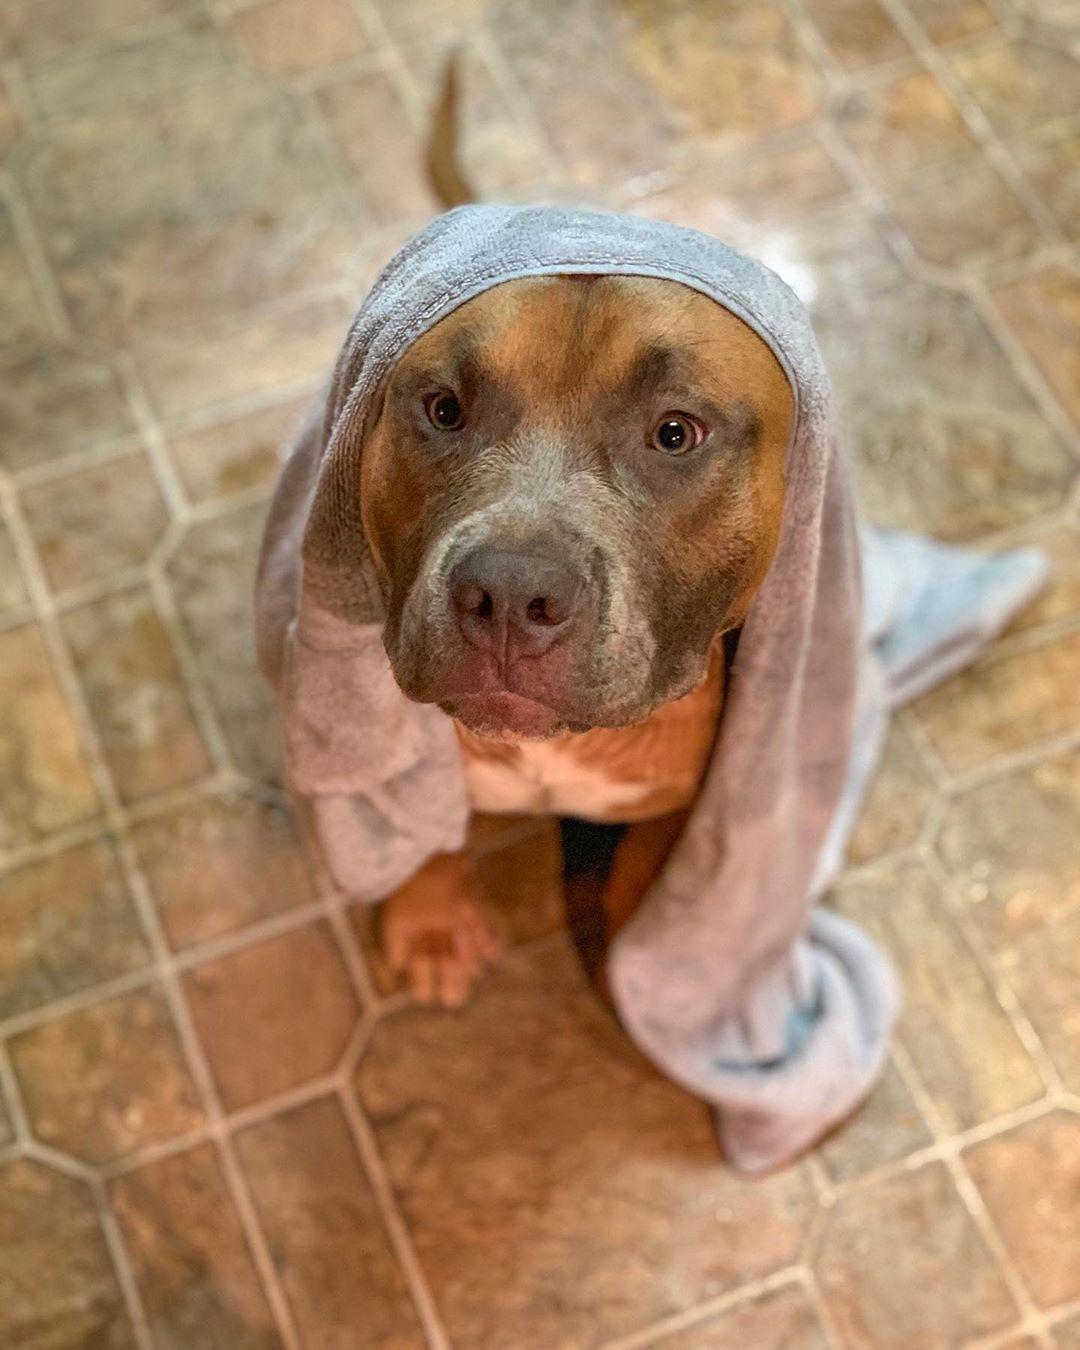 Follow Pitbulldogstuff Someone Got A Bath Pitbull Puppy Pitty